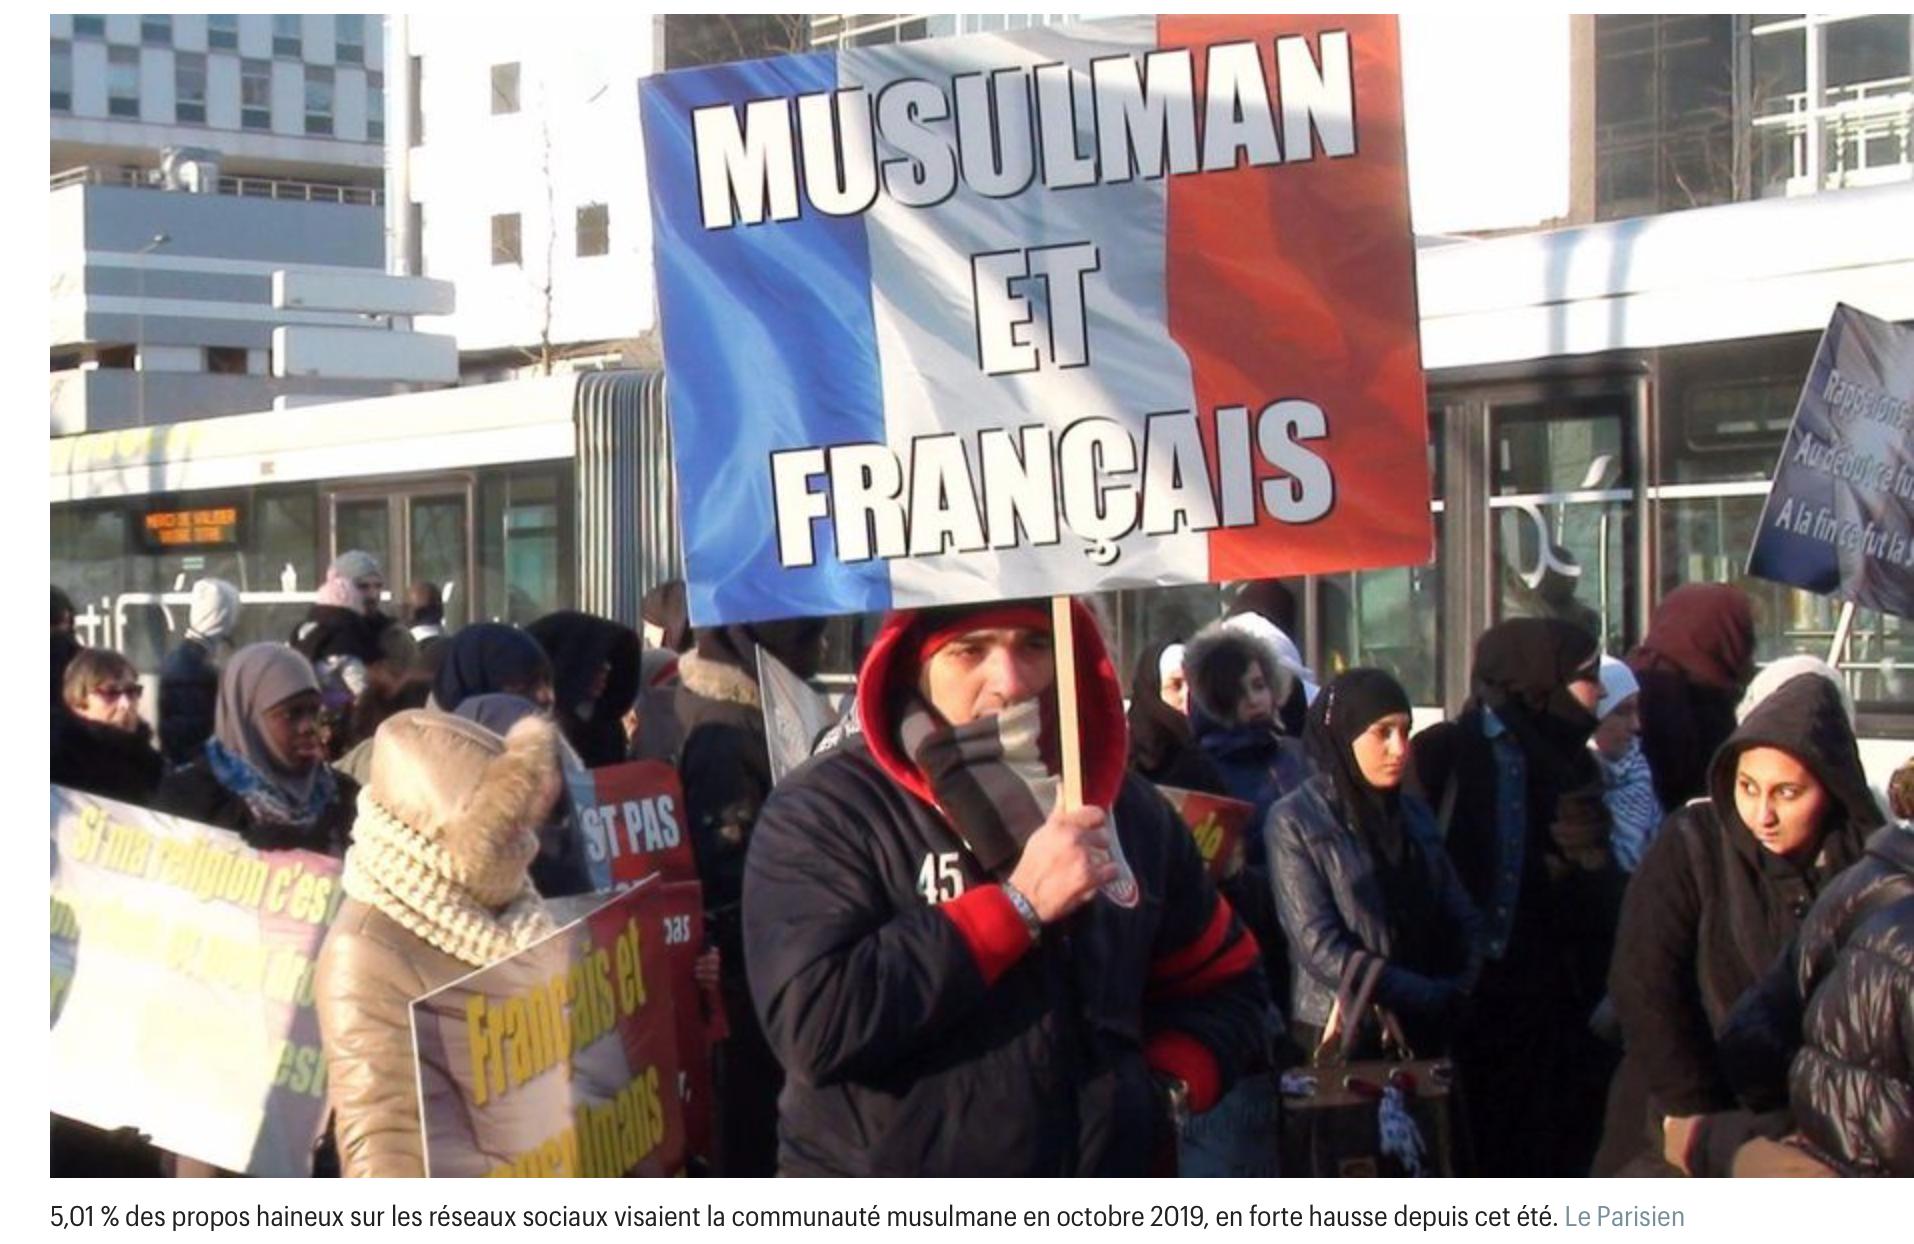 Je ne comprends pas pourquoi les propos anti-musulmans seraient en forte hausse sur Internet…